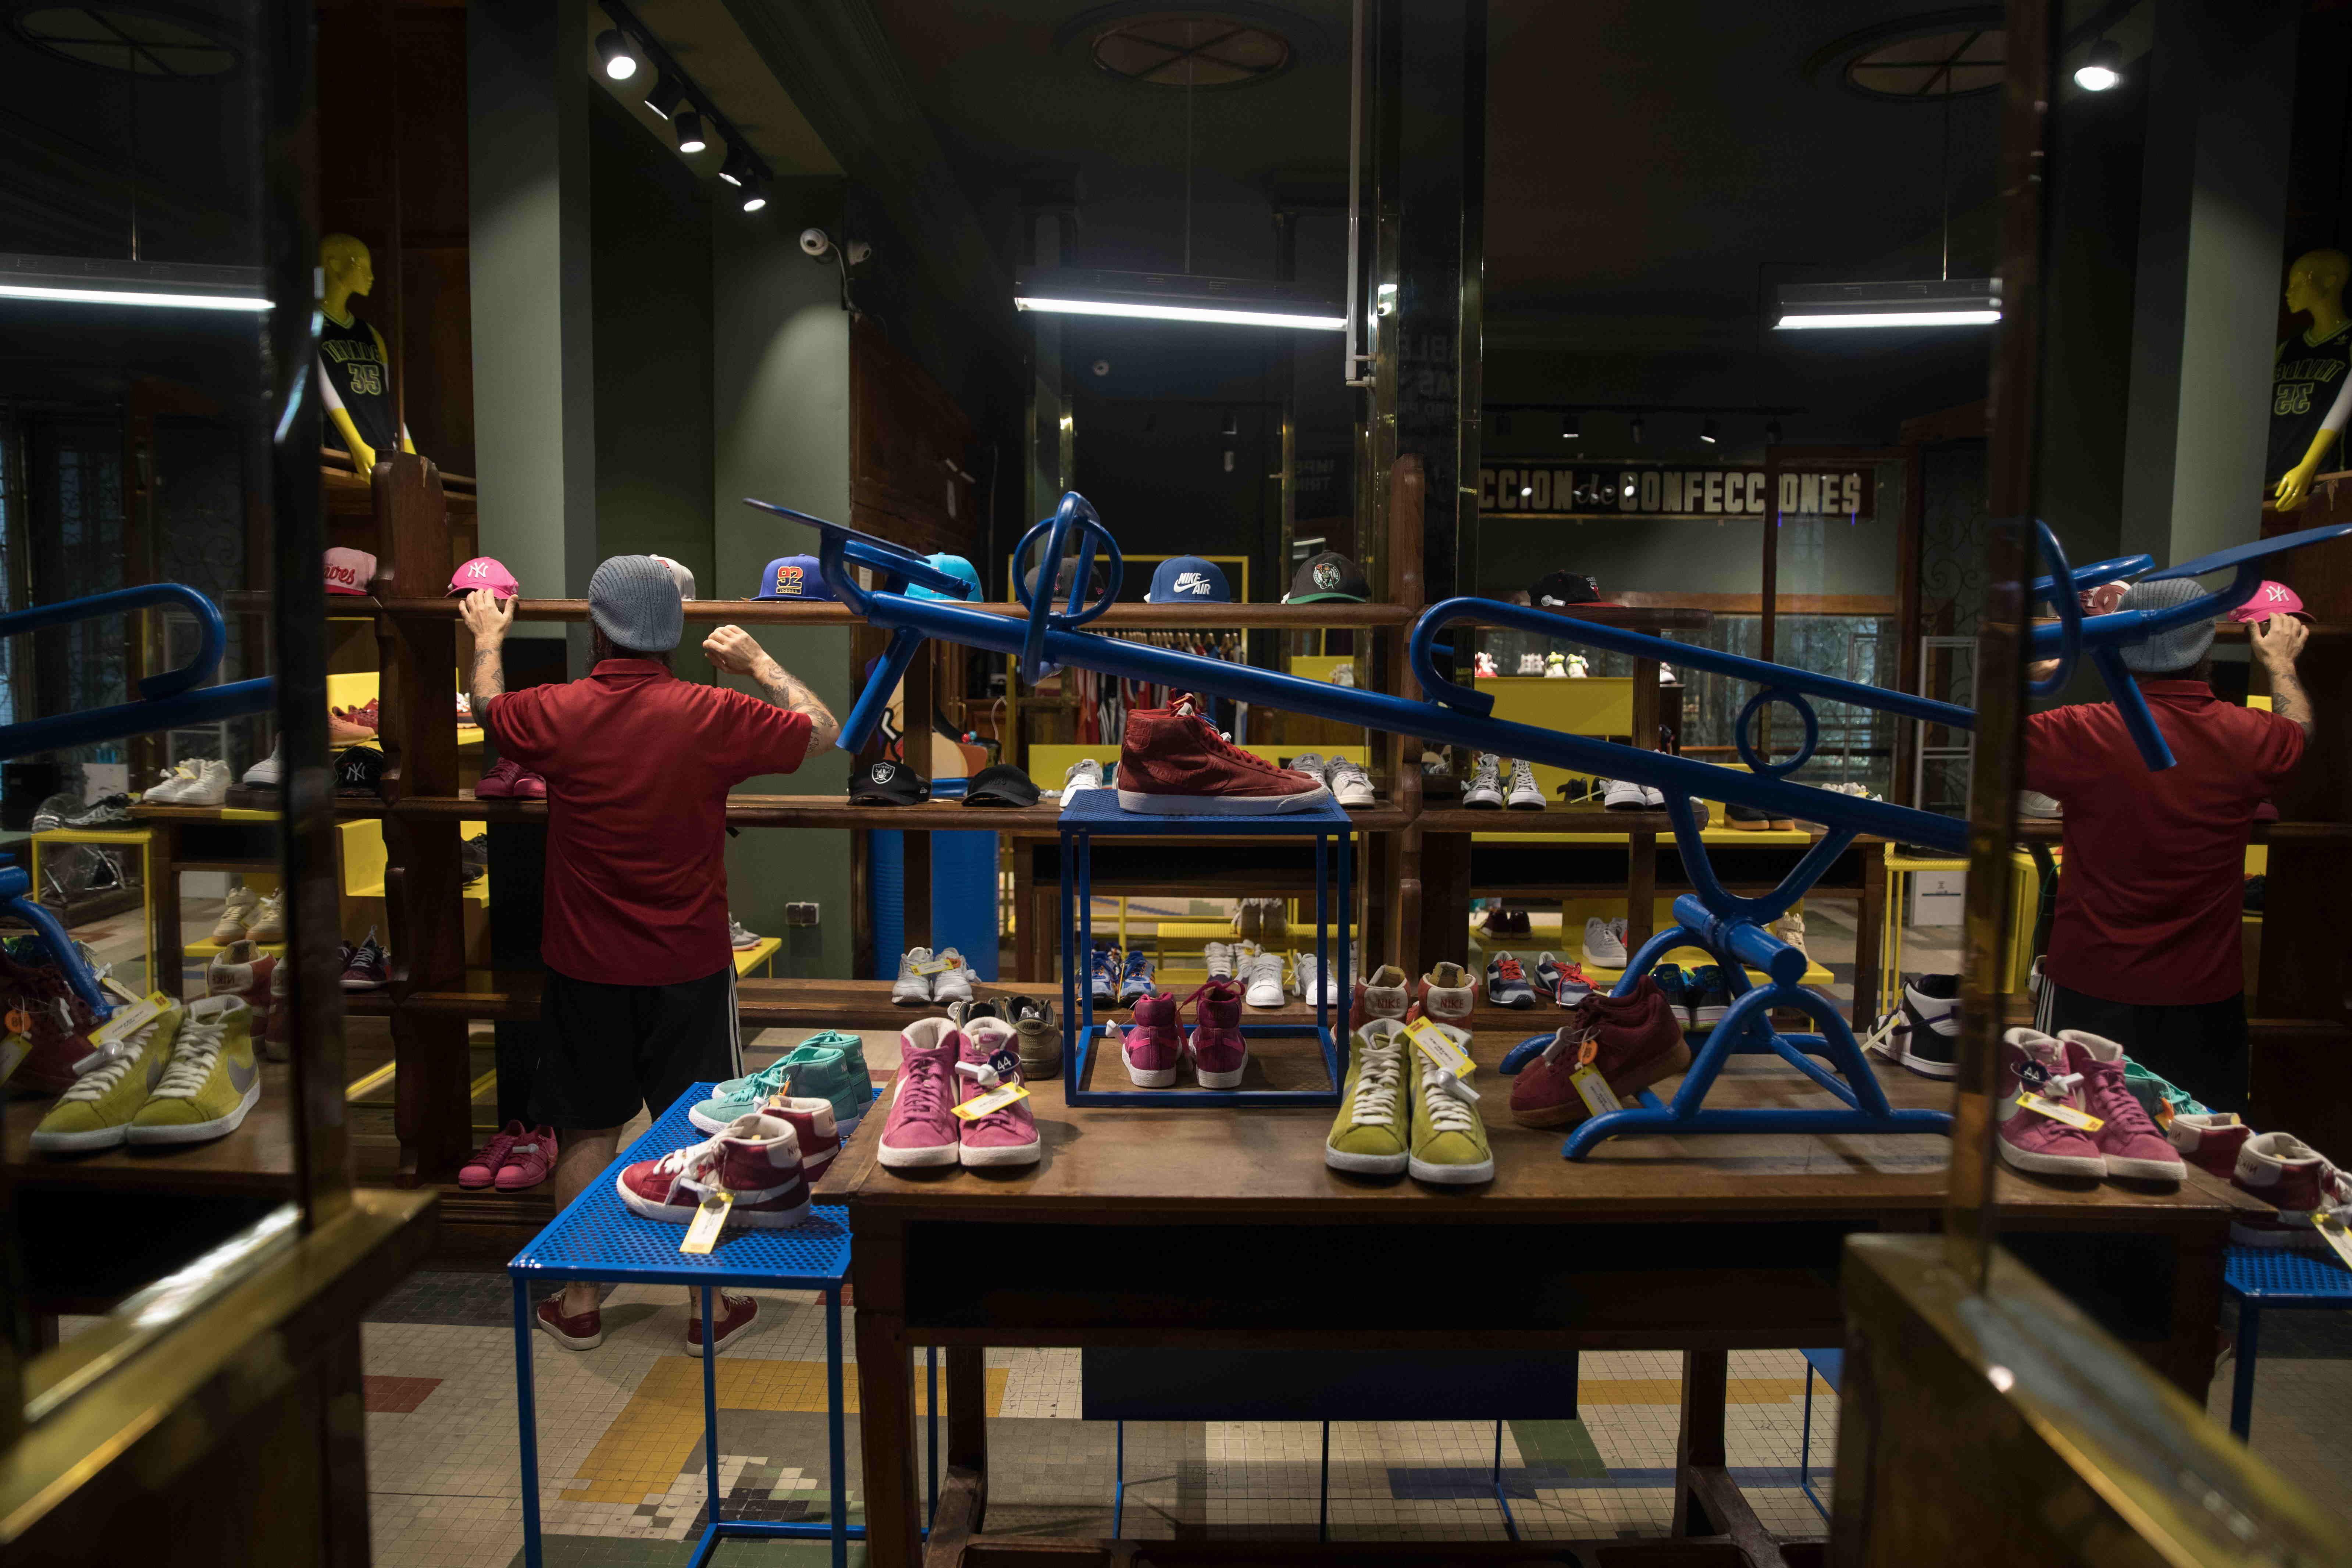 dividir Desviar Persona responsable  Un templo para los devotos de las zapatillas | Madrid | EL PAÍS